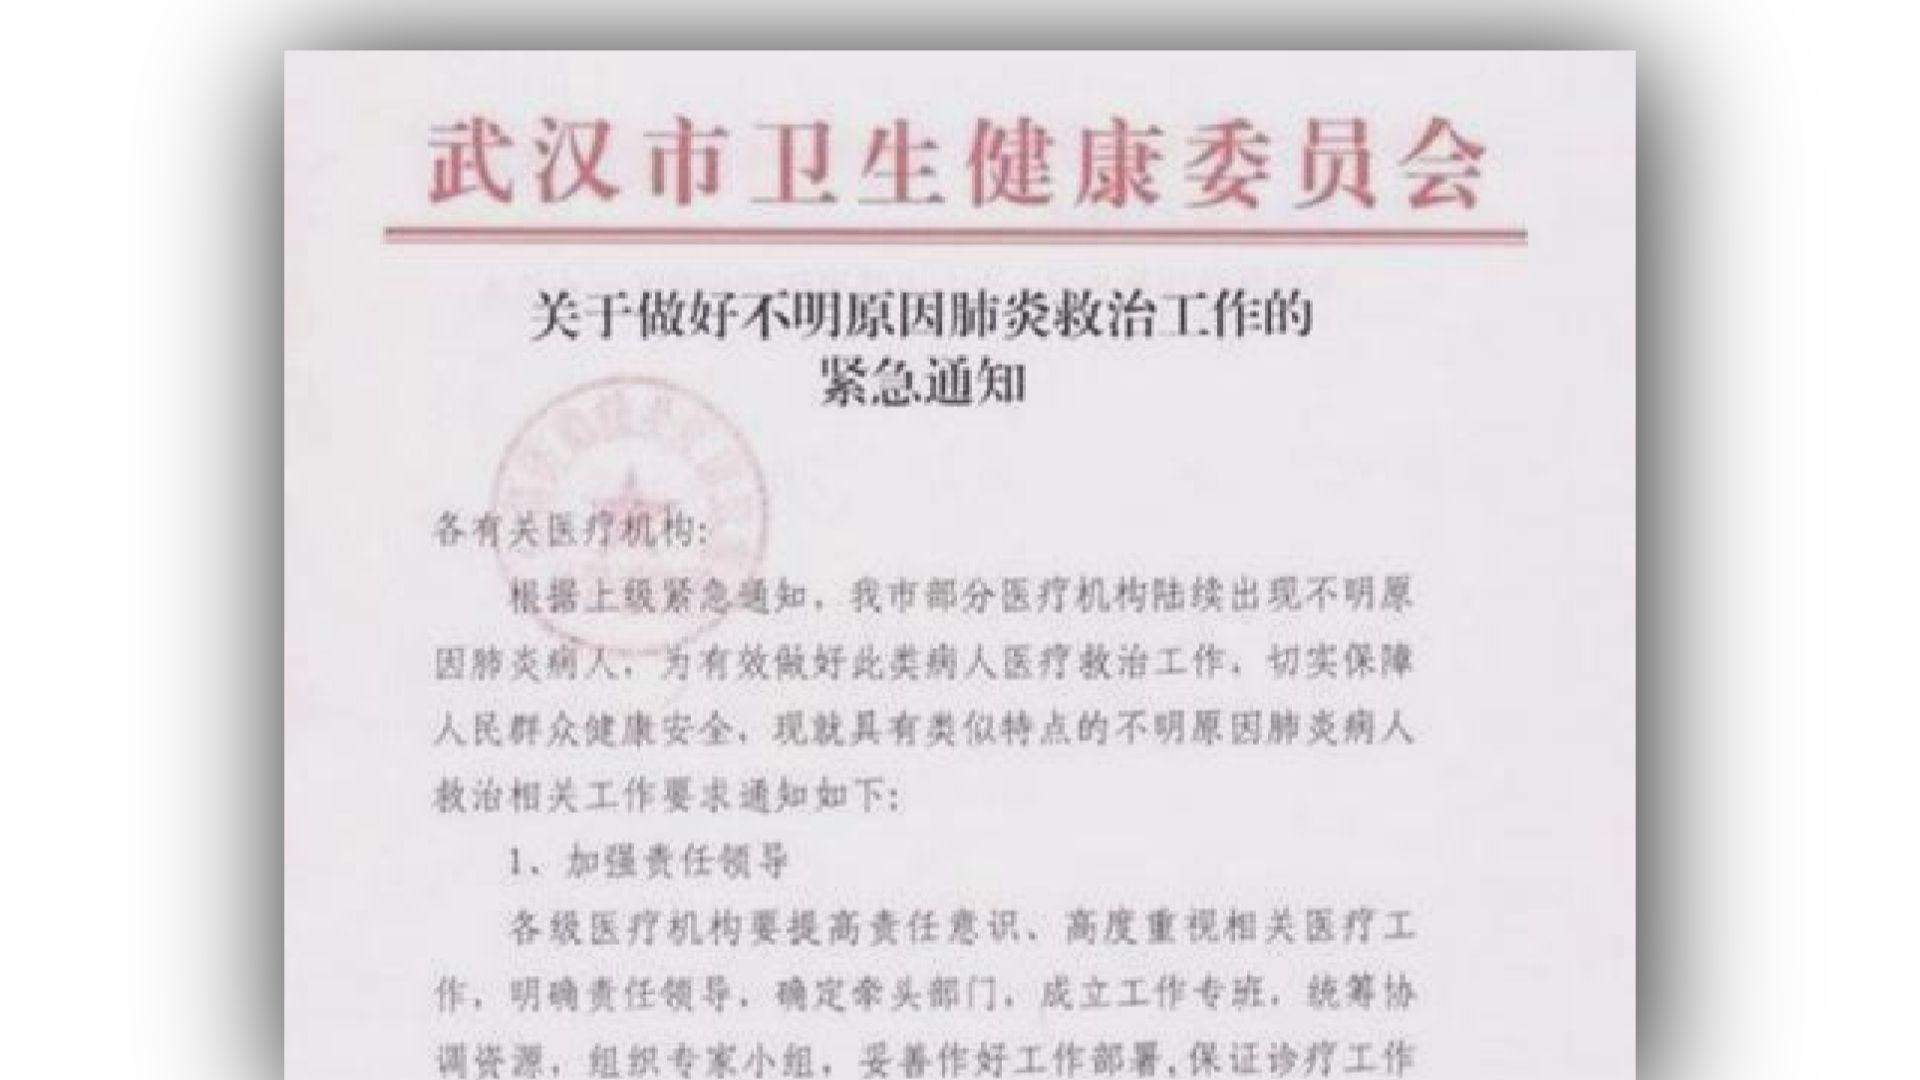 武漢市衛健委:未發現肺炎個案有明顯人傳人現象